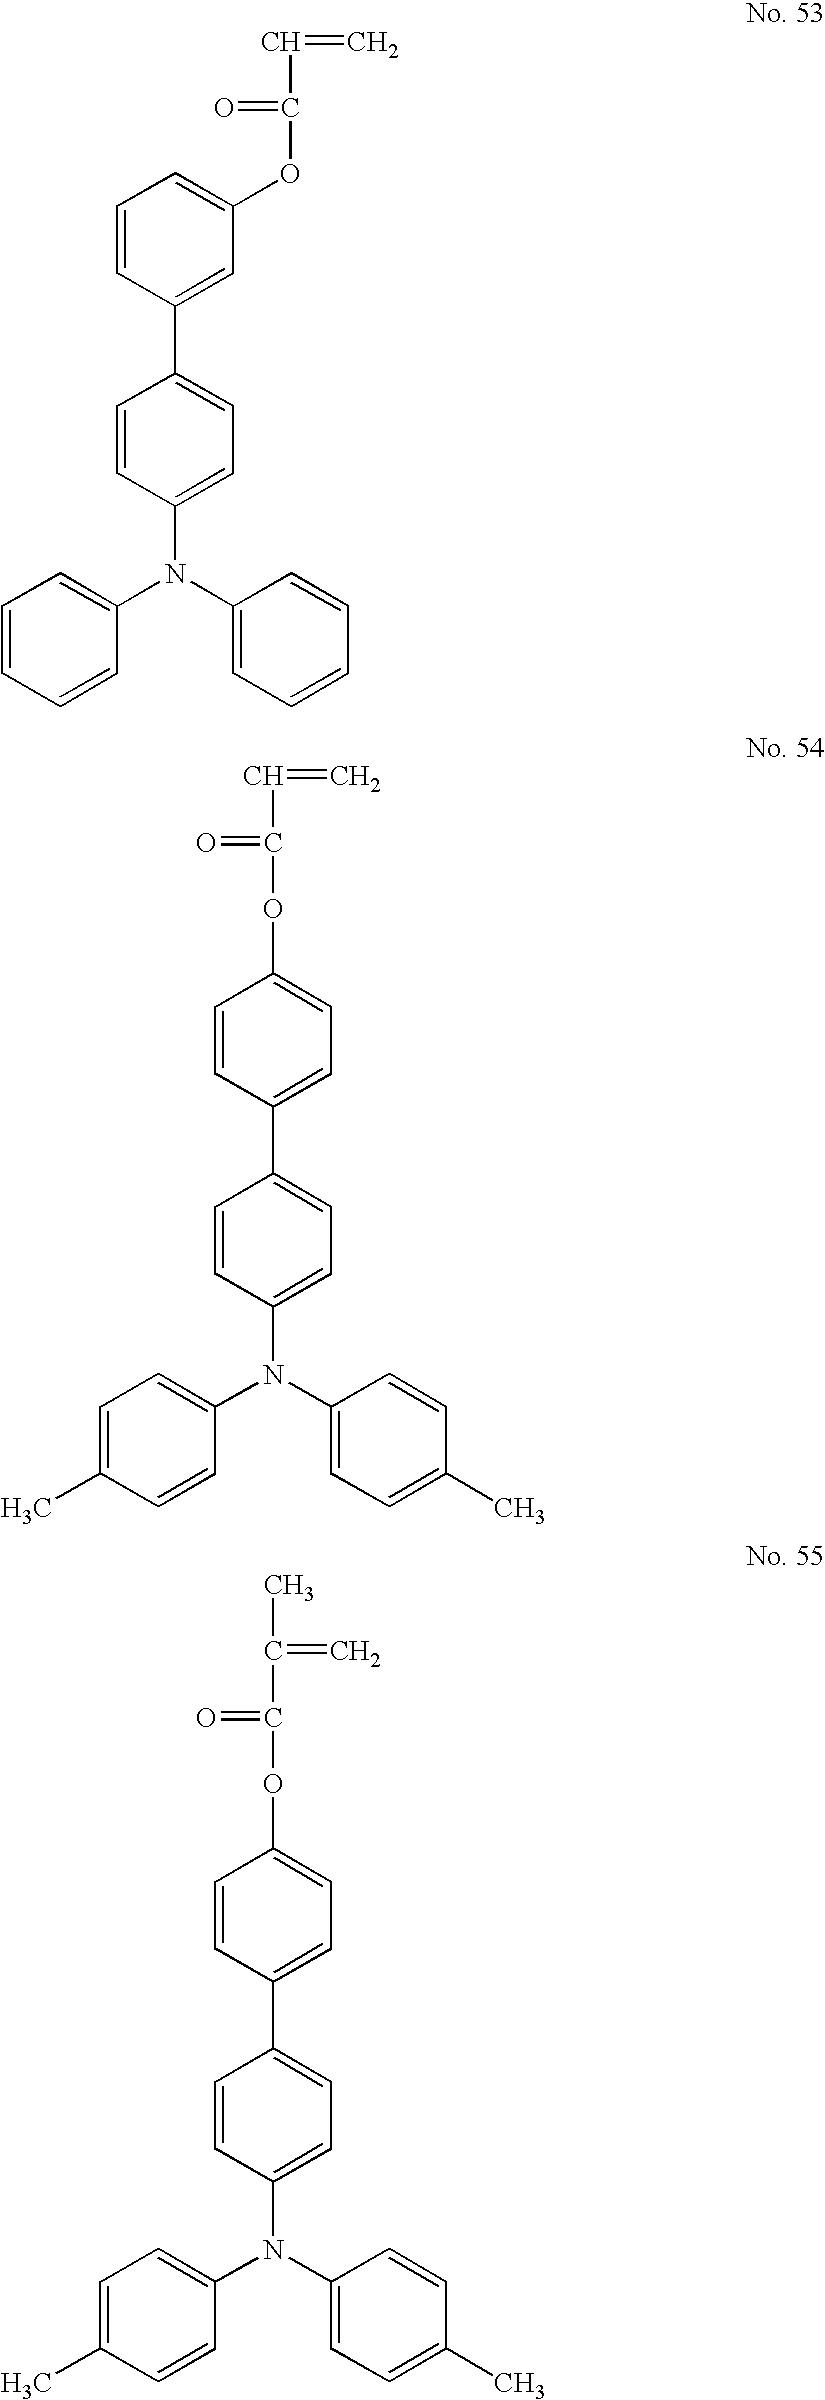 Figure US07824830-20101102-C00033